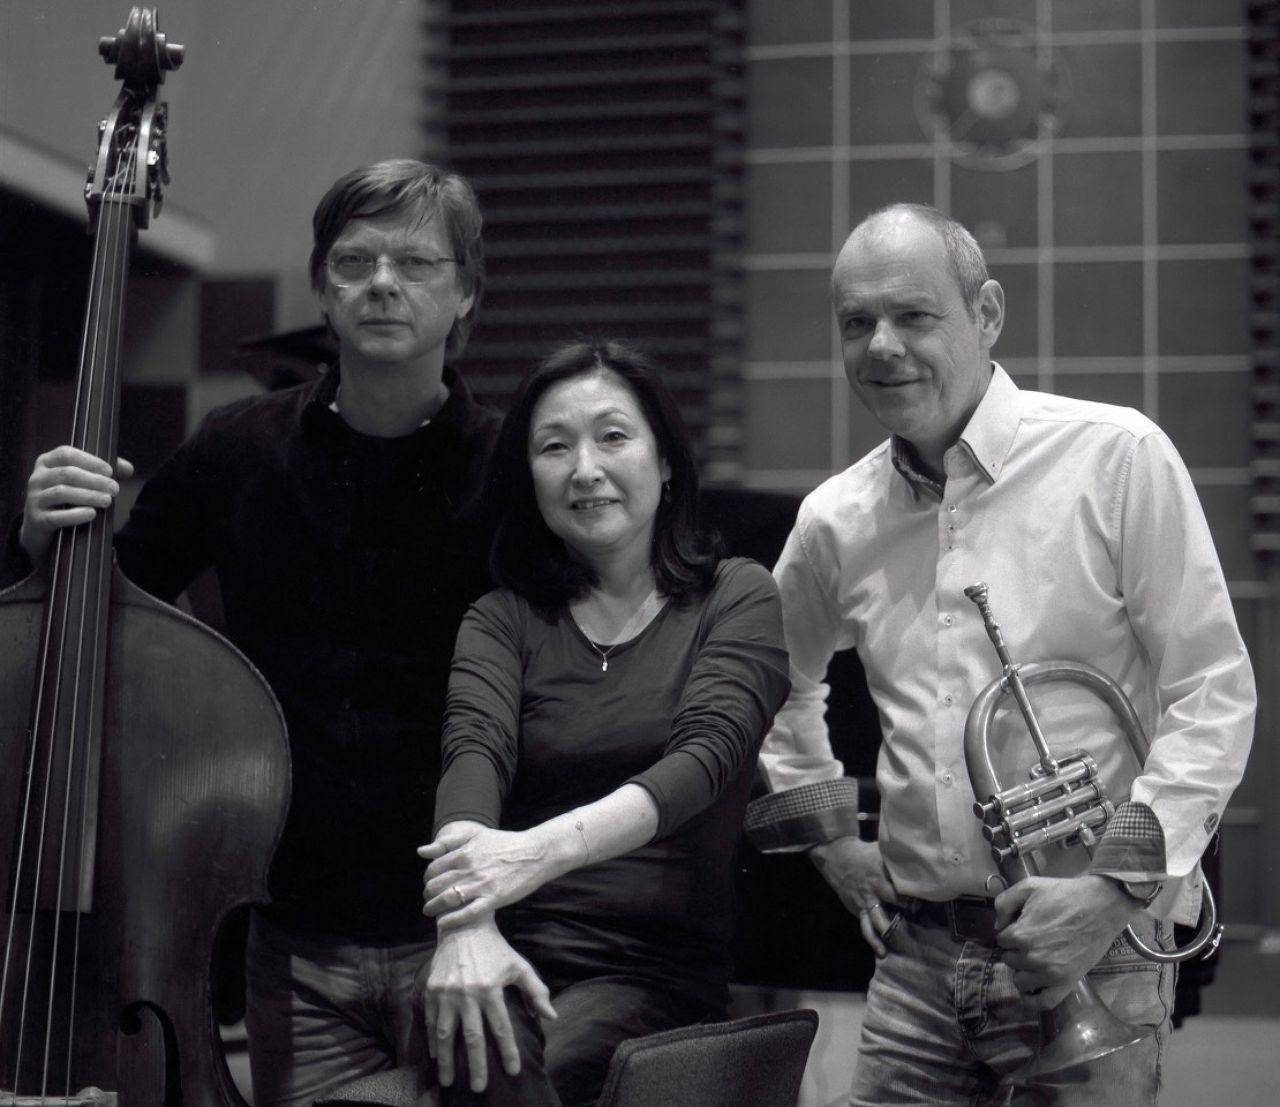 KOHASHI-OVERWATER-VERPLOEGEN trio